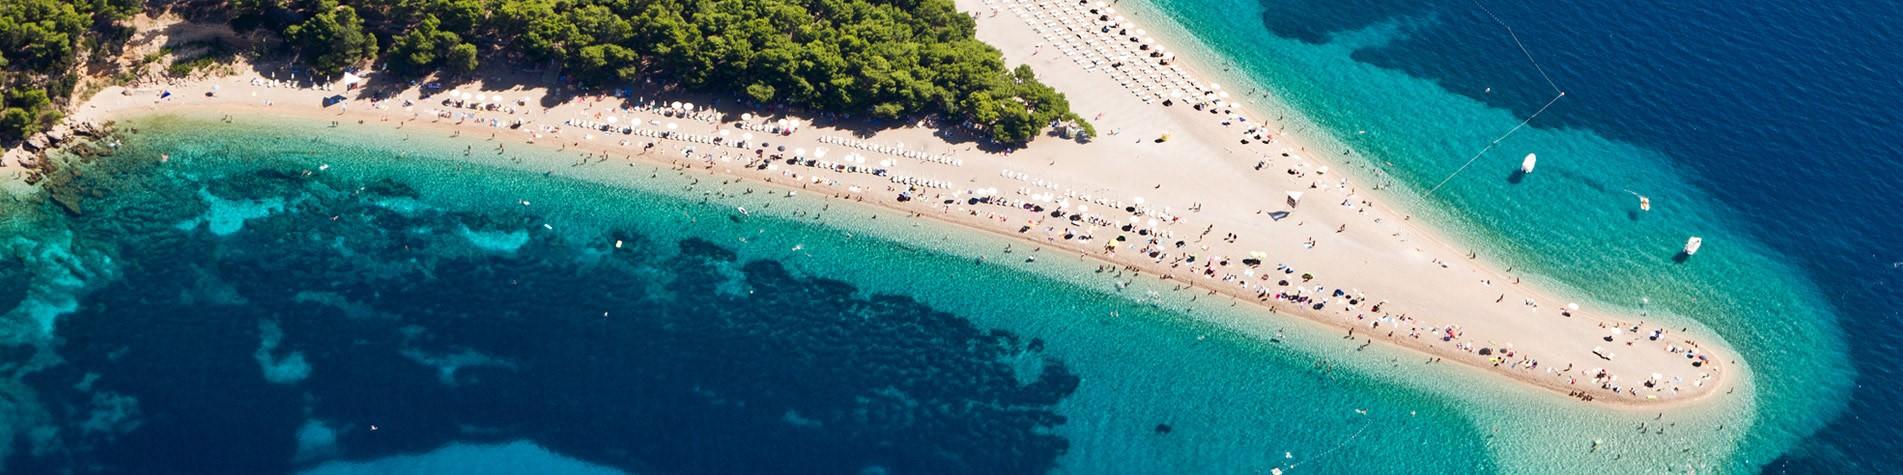 Brac Island Dalmatia Holidays